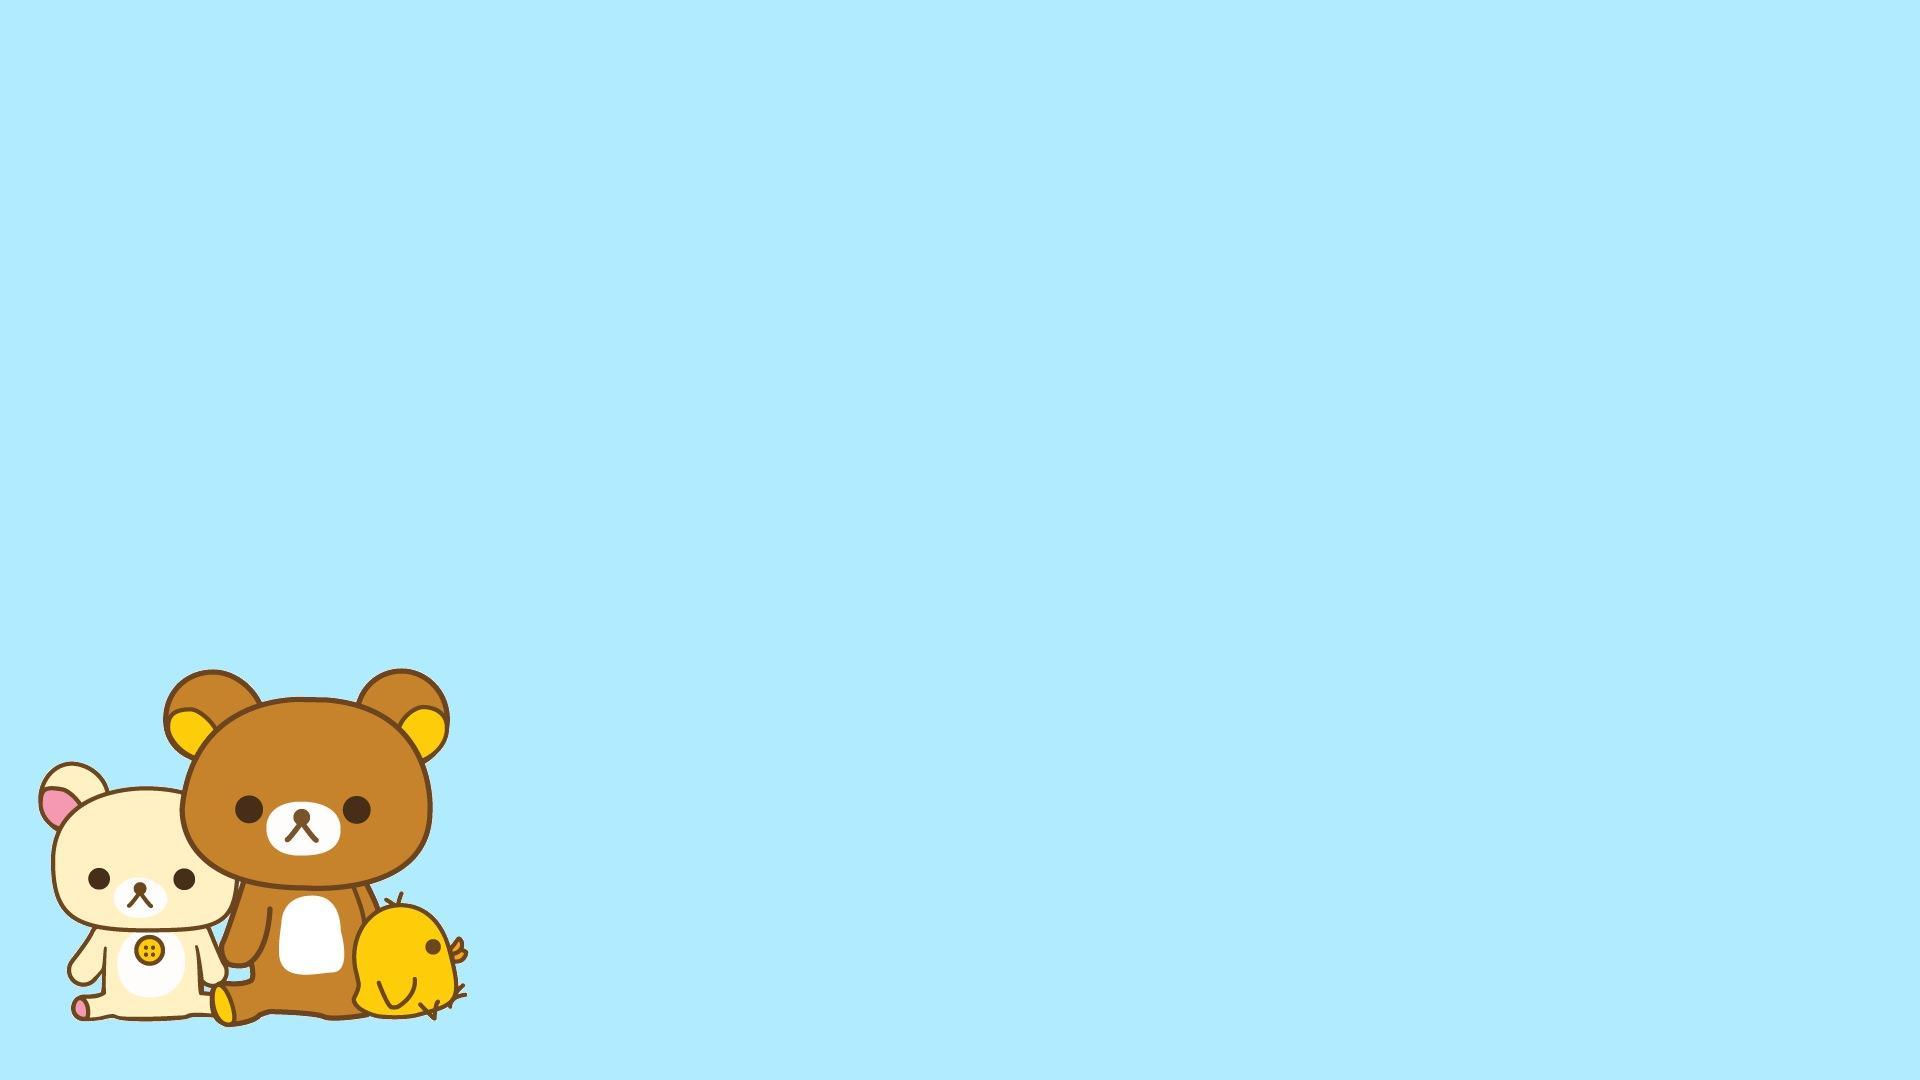 Hình nền PowerPoint đơn giản với chú gấu Rilakkuma